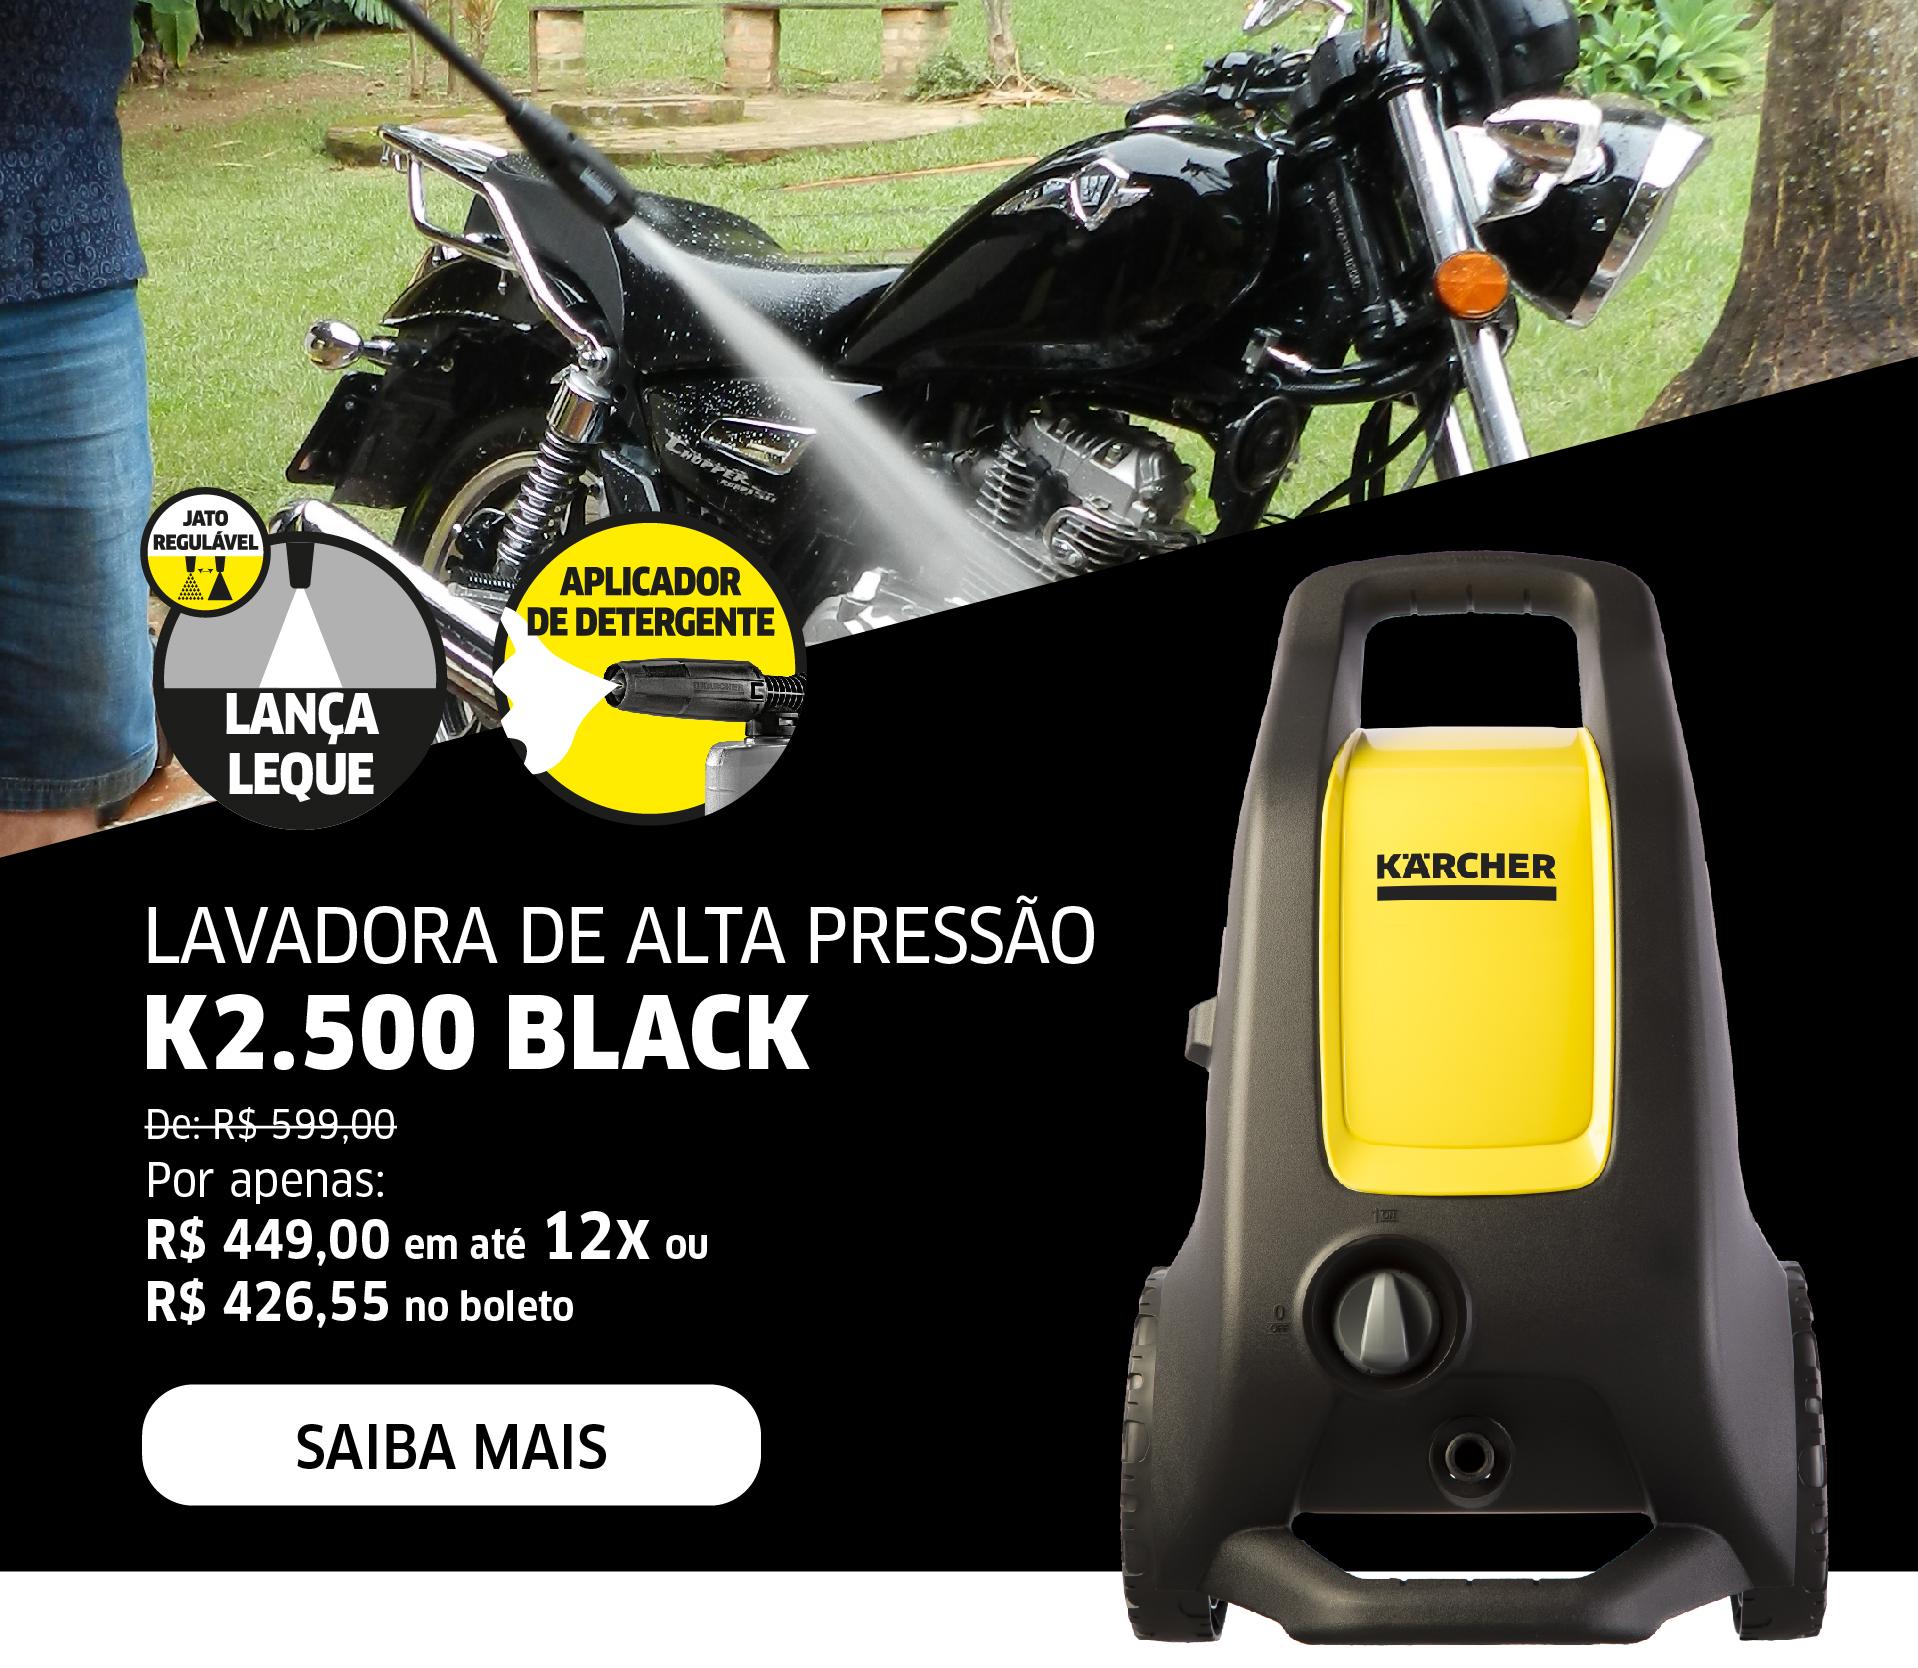 K2500 Black Mobile